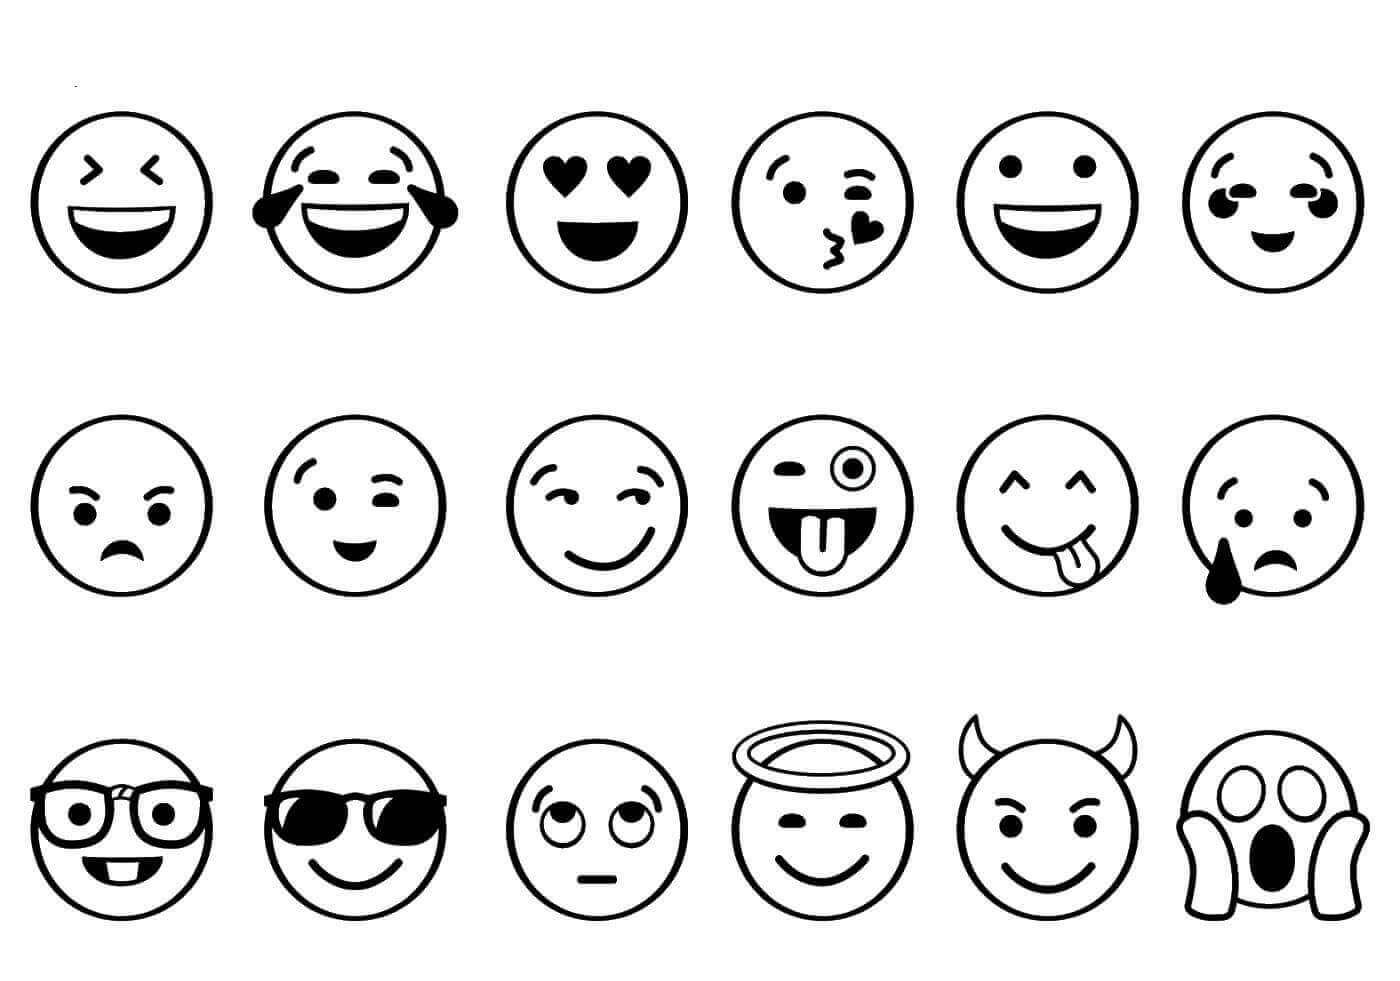 Emojis Coloring Page